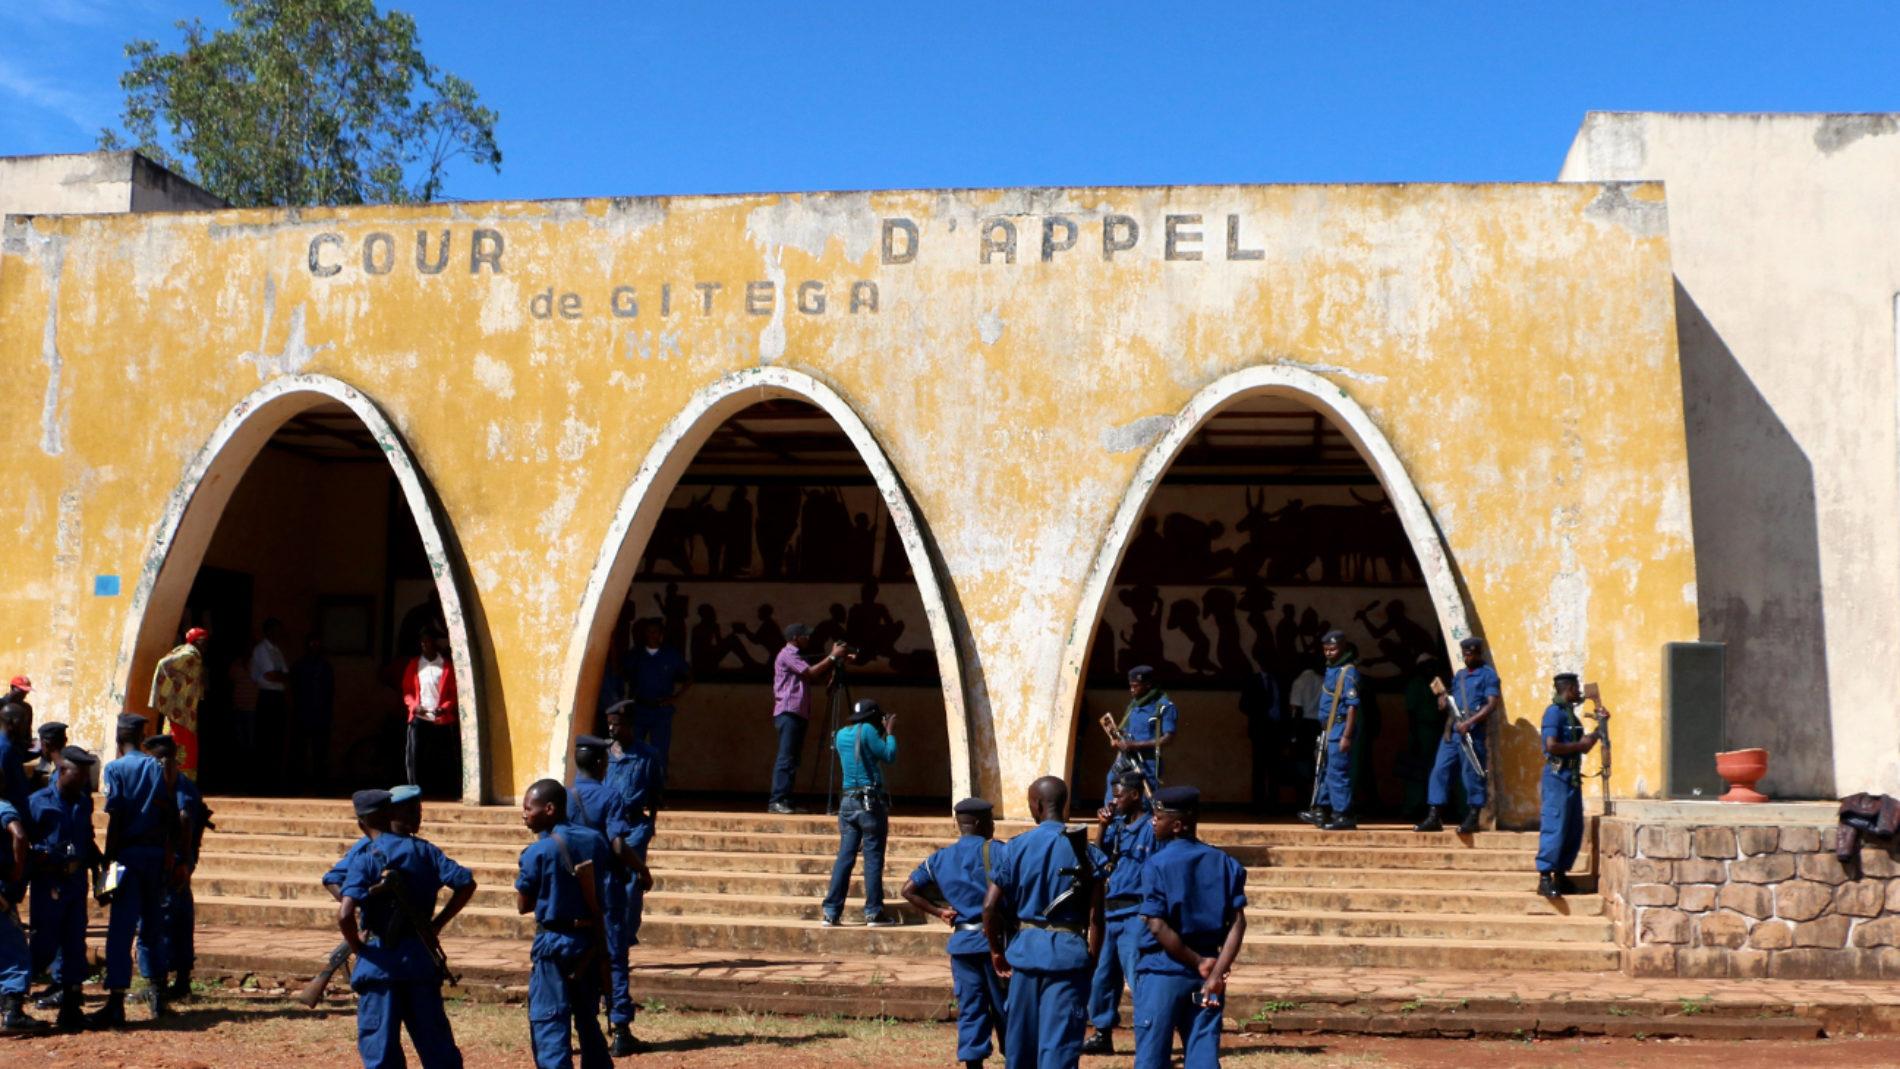 Attaque des camps militaires : le parquet a requis des peines allant jusqu'à la perpétuité